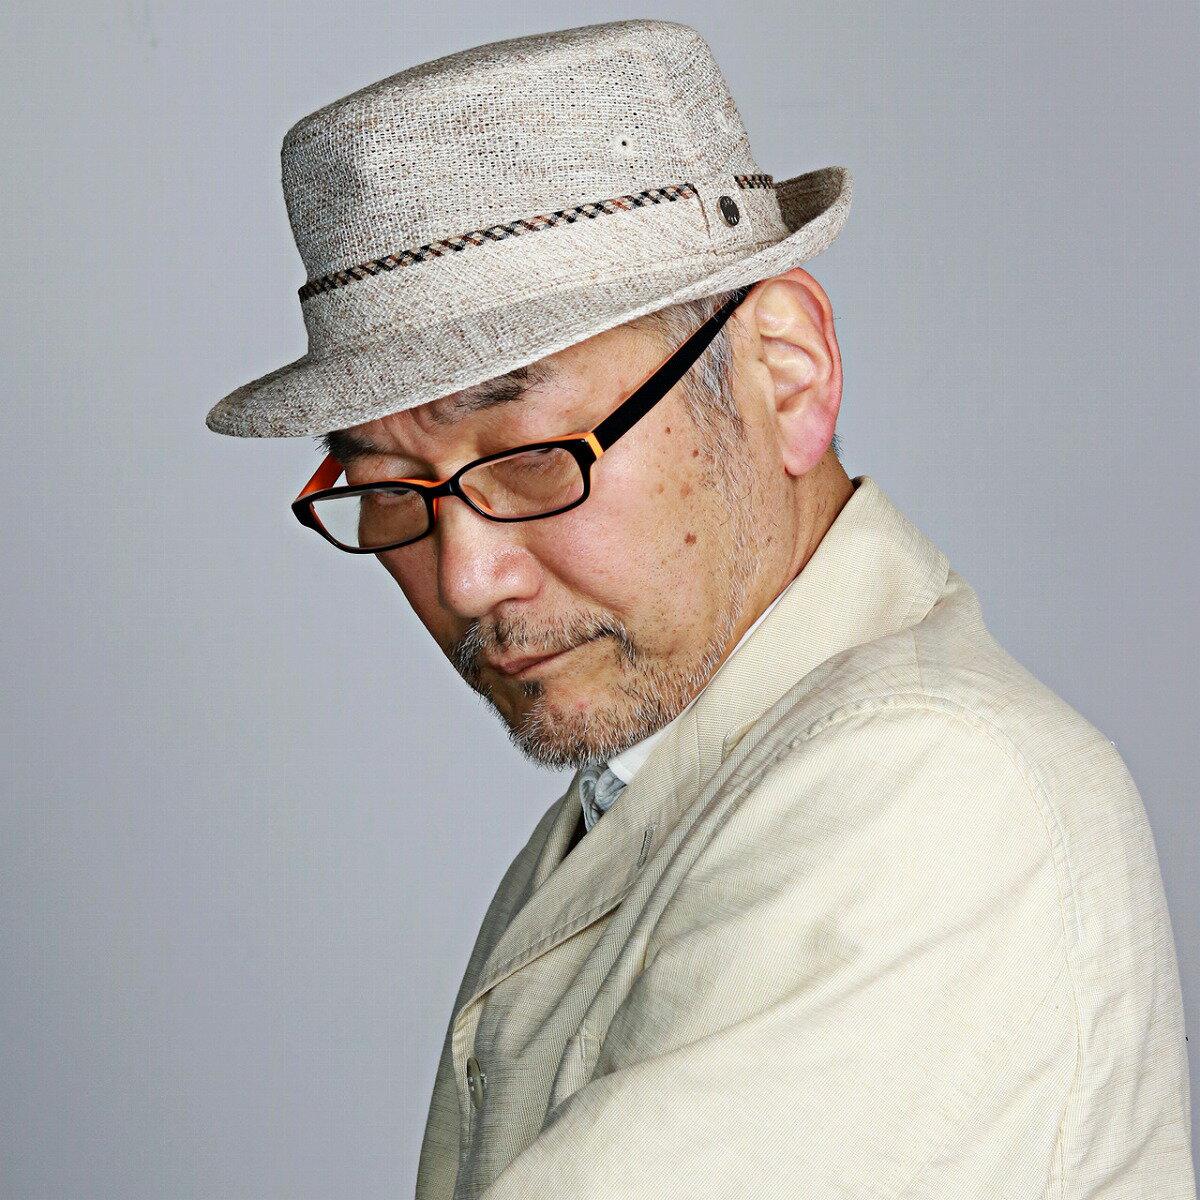 アルペンハット 夏 メンズ ハット 柄 アルペン型 シンプルデザイン ベージュ(おしゃれ メンズ帽子 メンズハット 紳士帽子 40代 50代  60代 70代 ファッション 男性